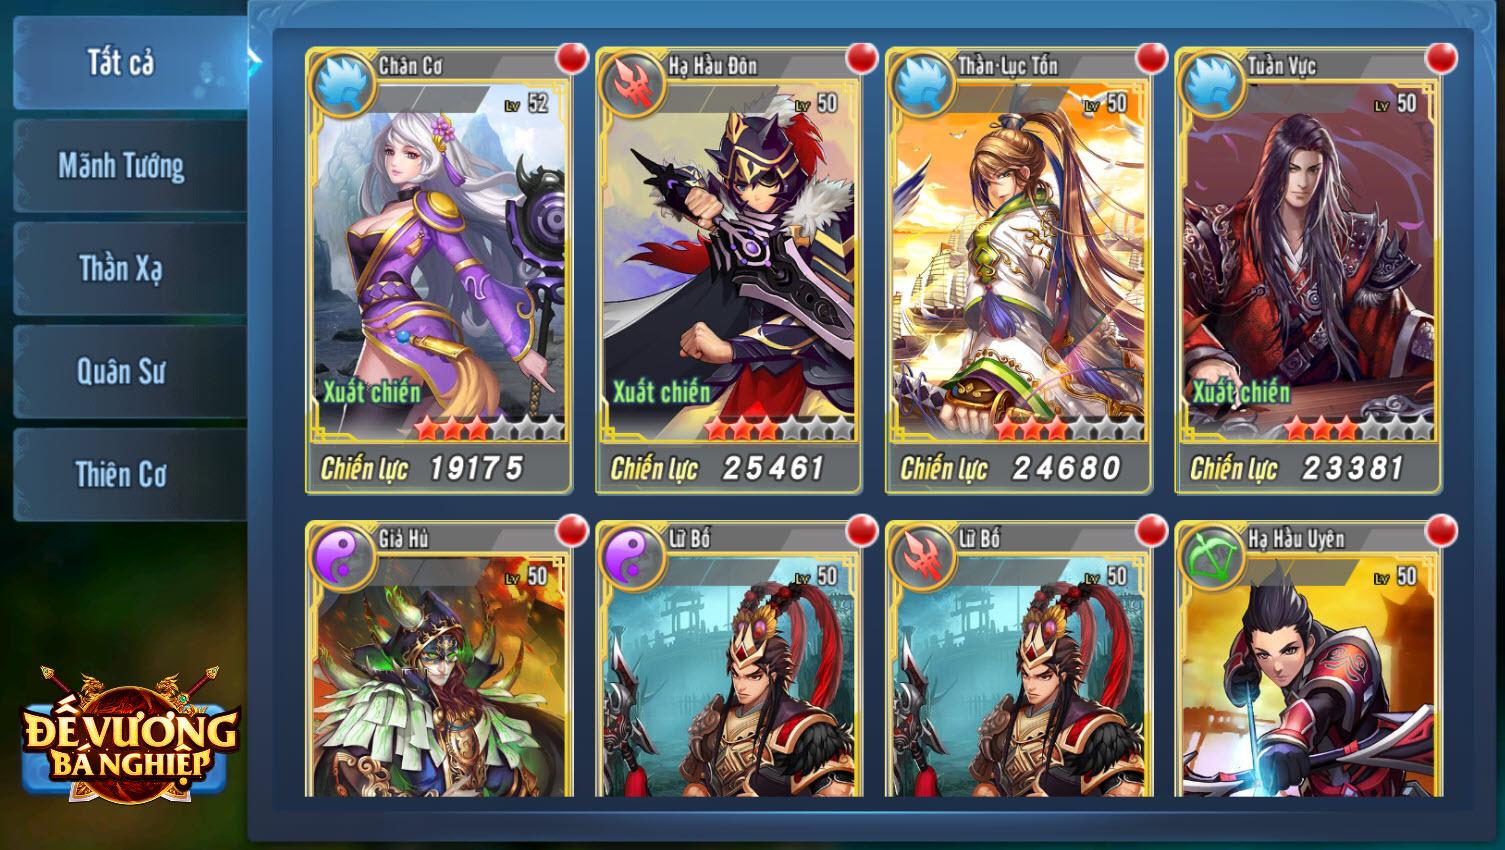 Đế Vương Bá Nghiệp Mobile - Game chiến thuật thả lính chính thức Open Beta ngay hôm nay 1